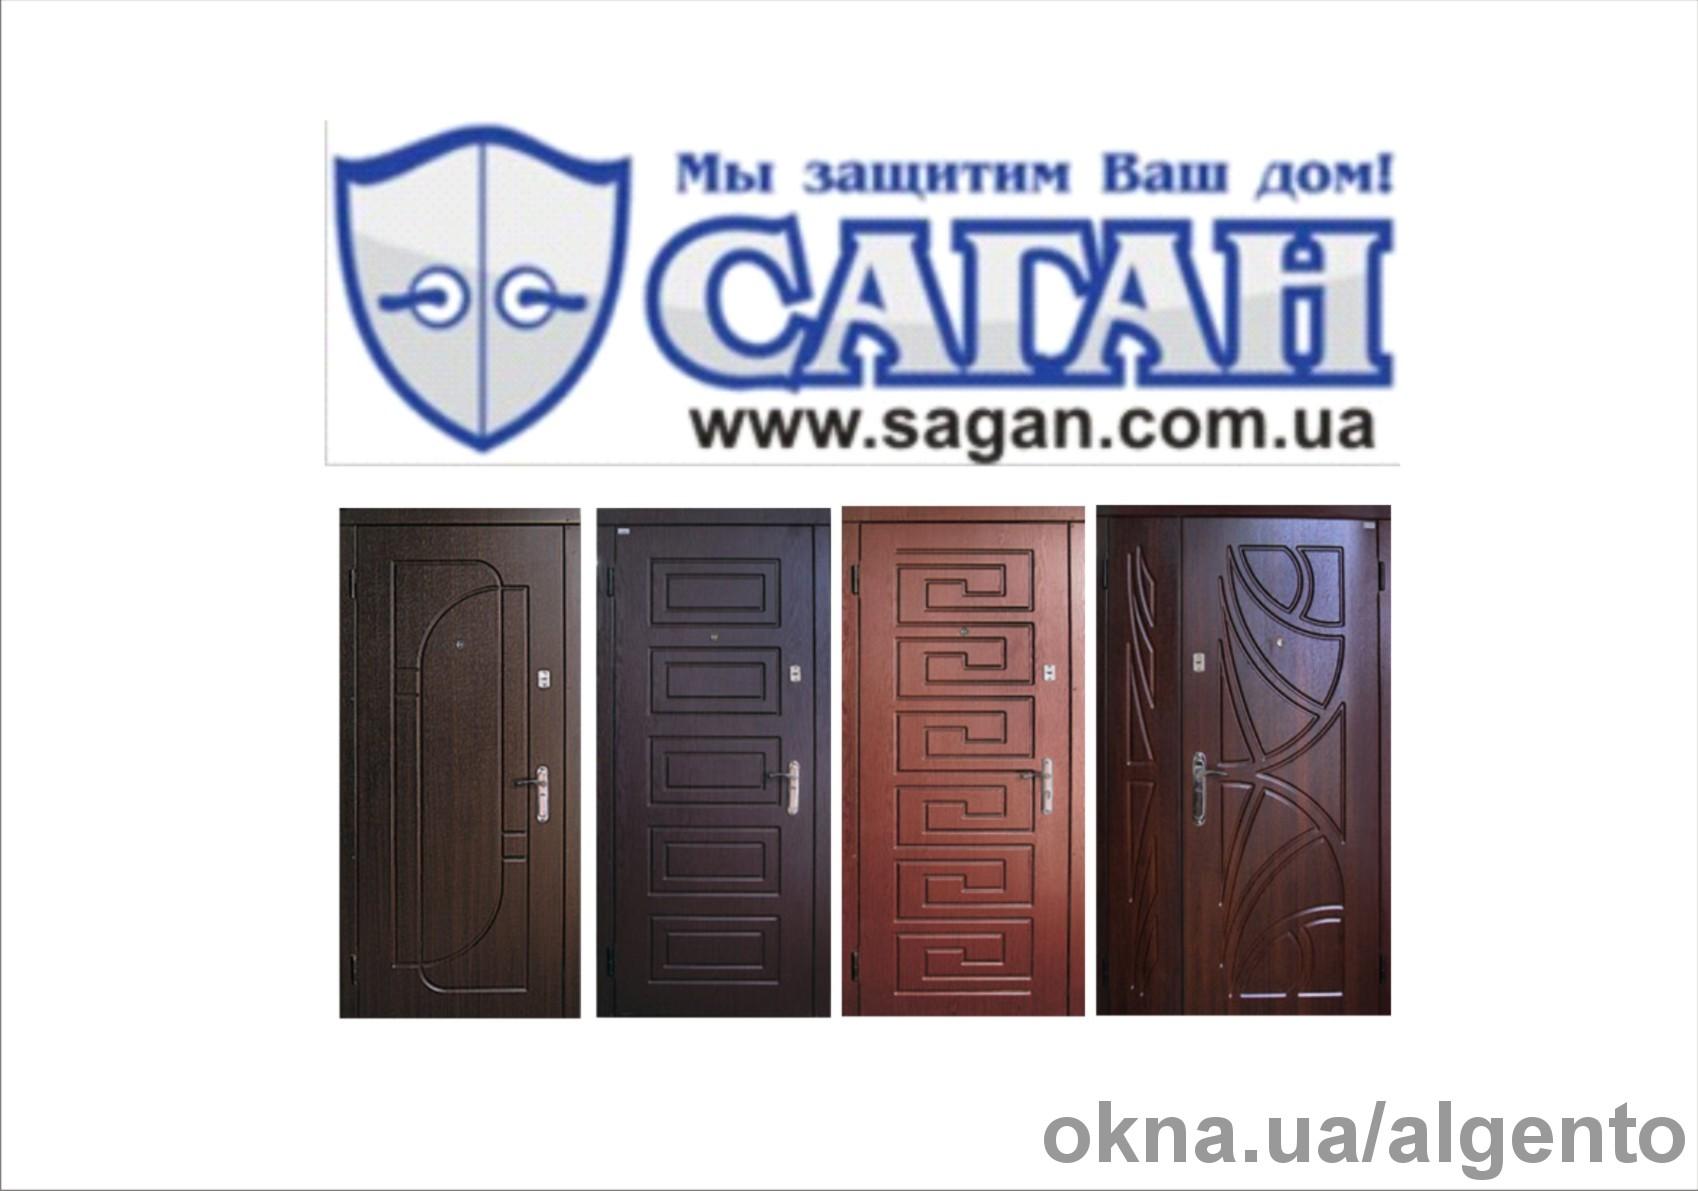 Бронированные двери Саган